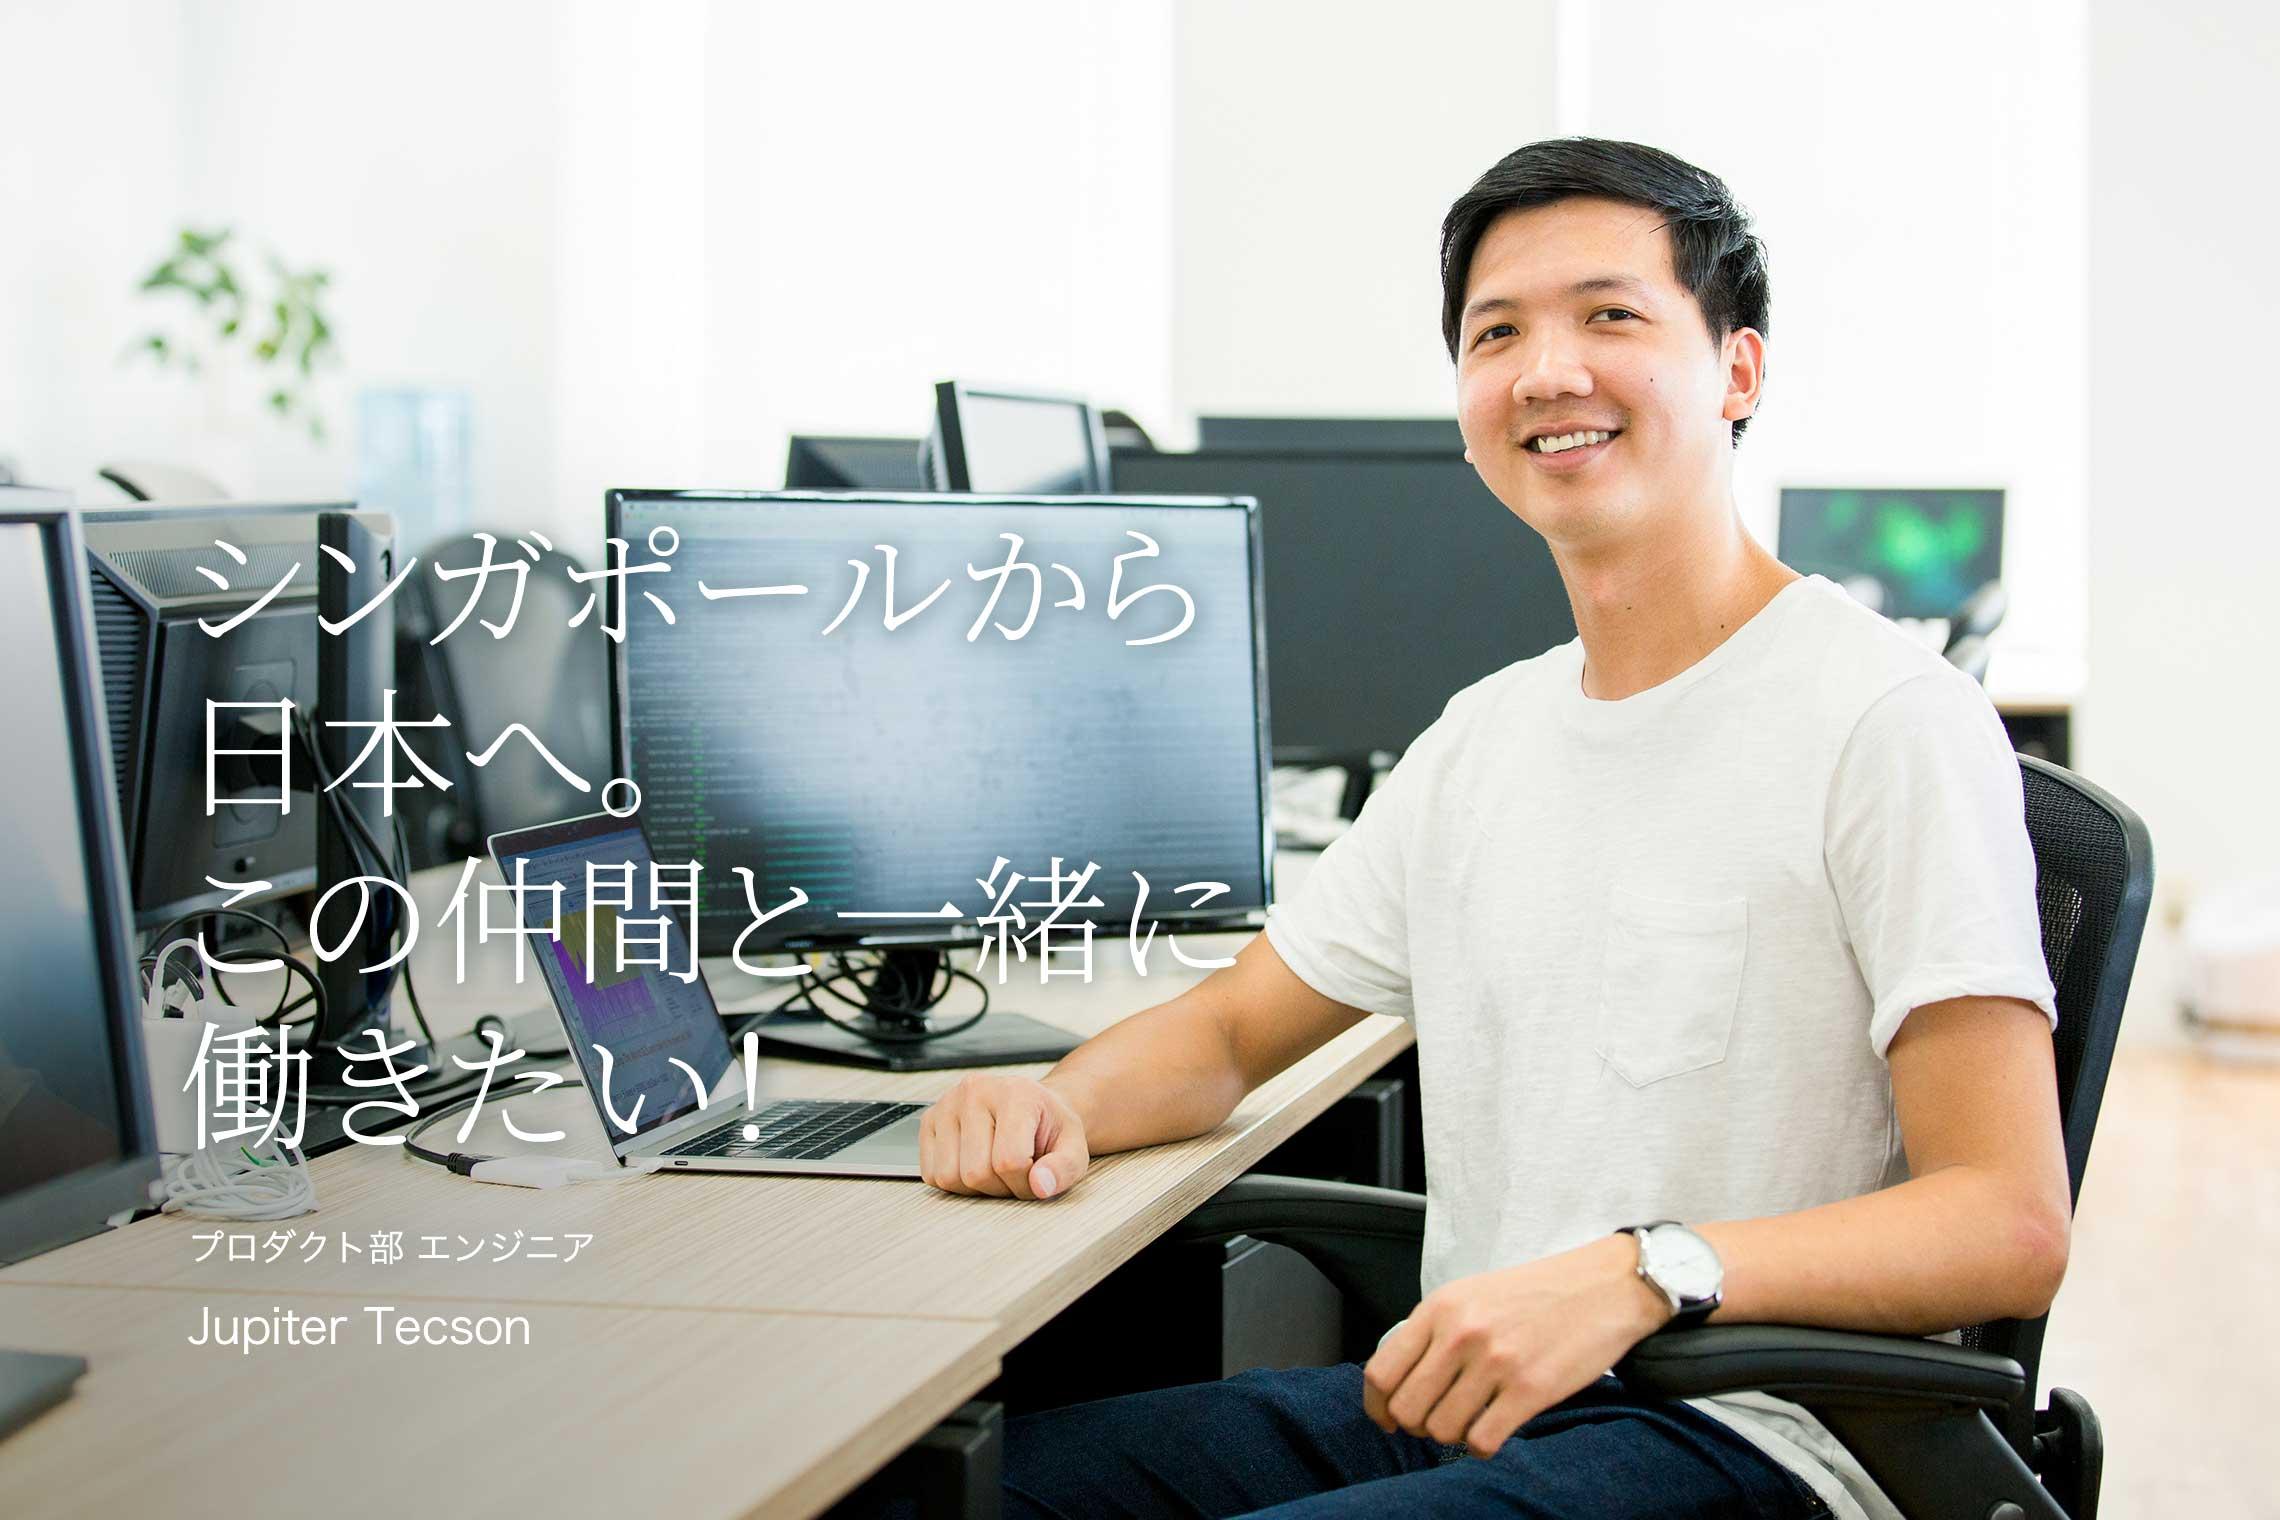 シンガポールから日本へ。この仲間と一緒に働きたい! プロダクト部  エンジニア Jupiter Tecson